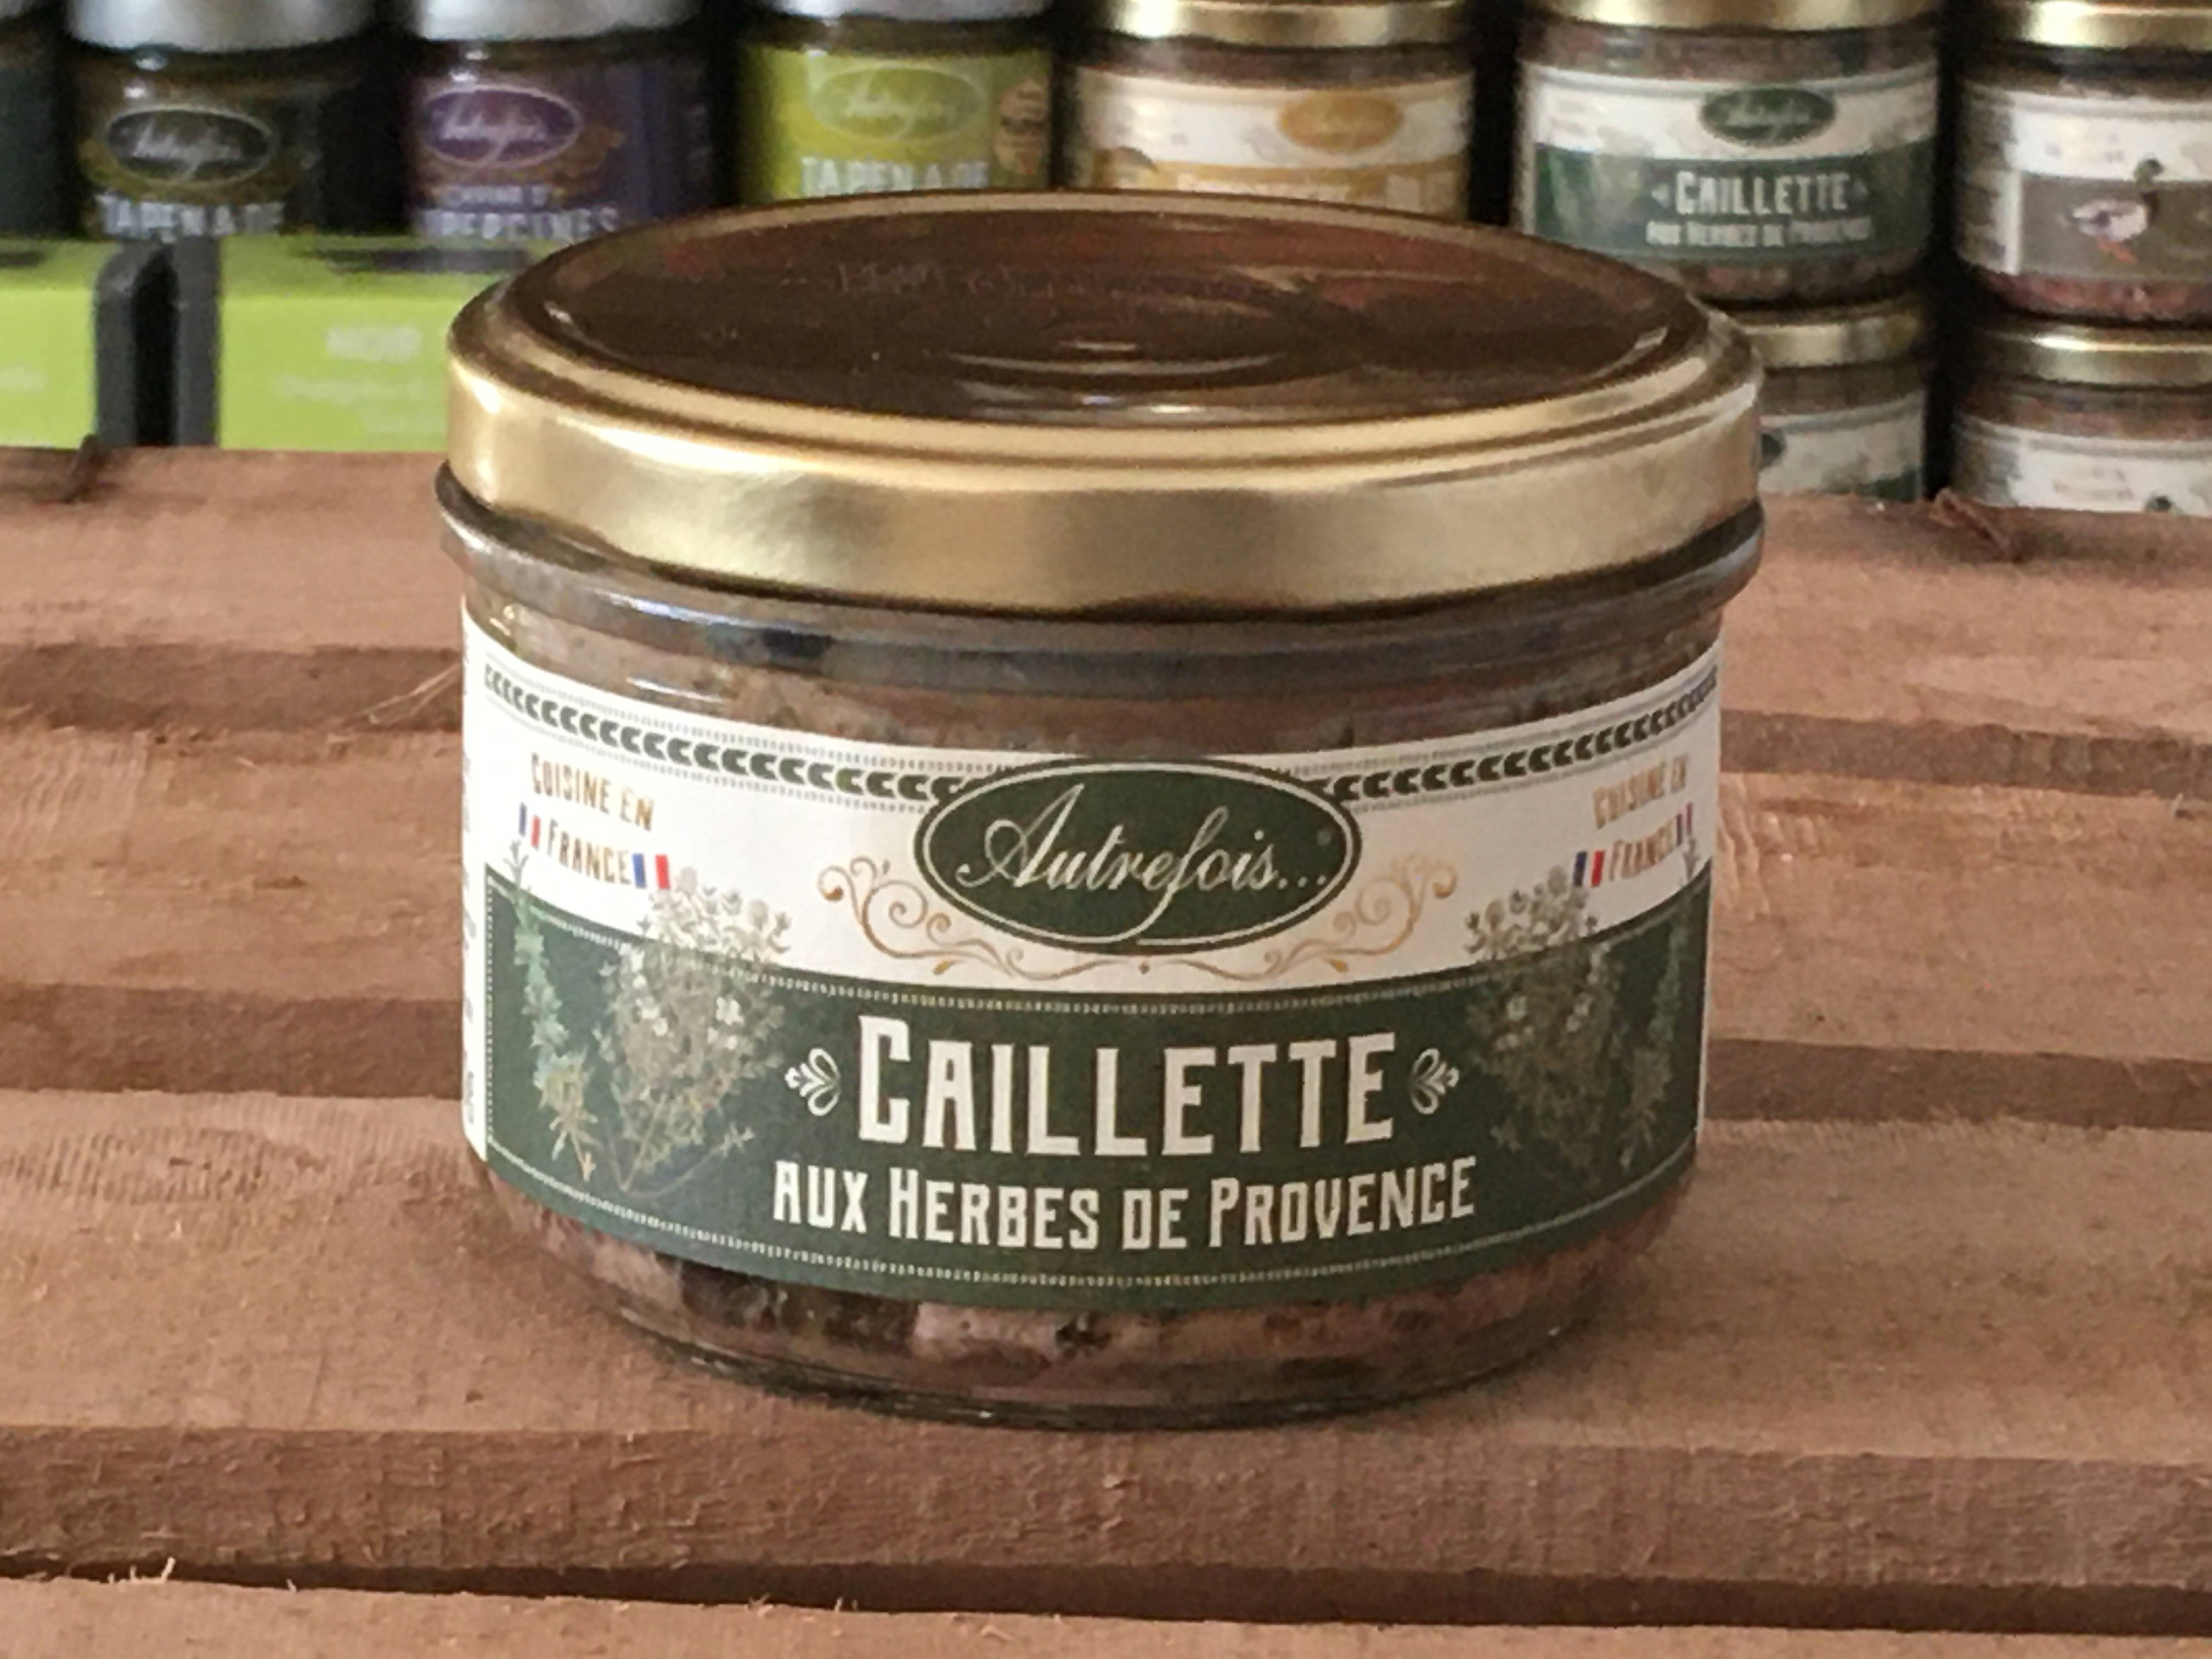 CAILLETTE HERBES PROVENCE 180g Autrefois Terroir Milhaud Gard